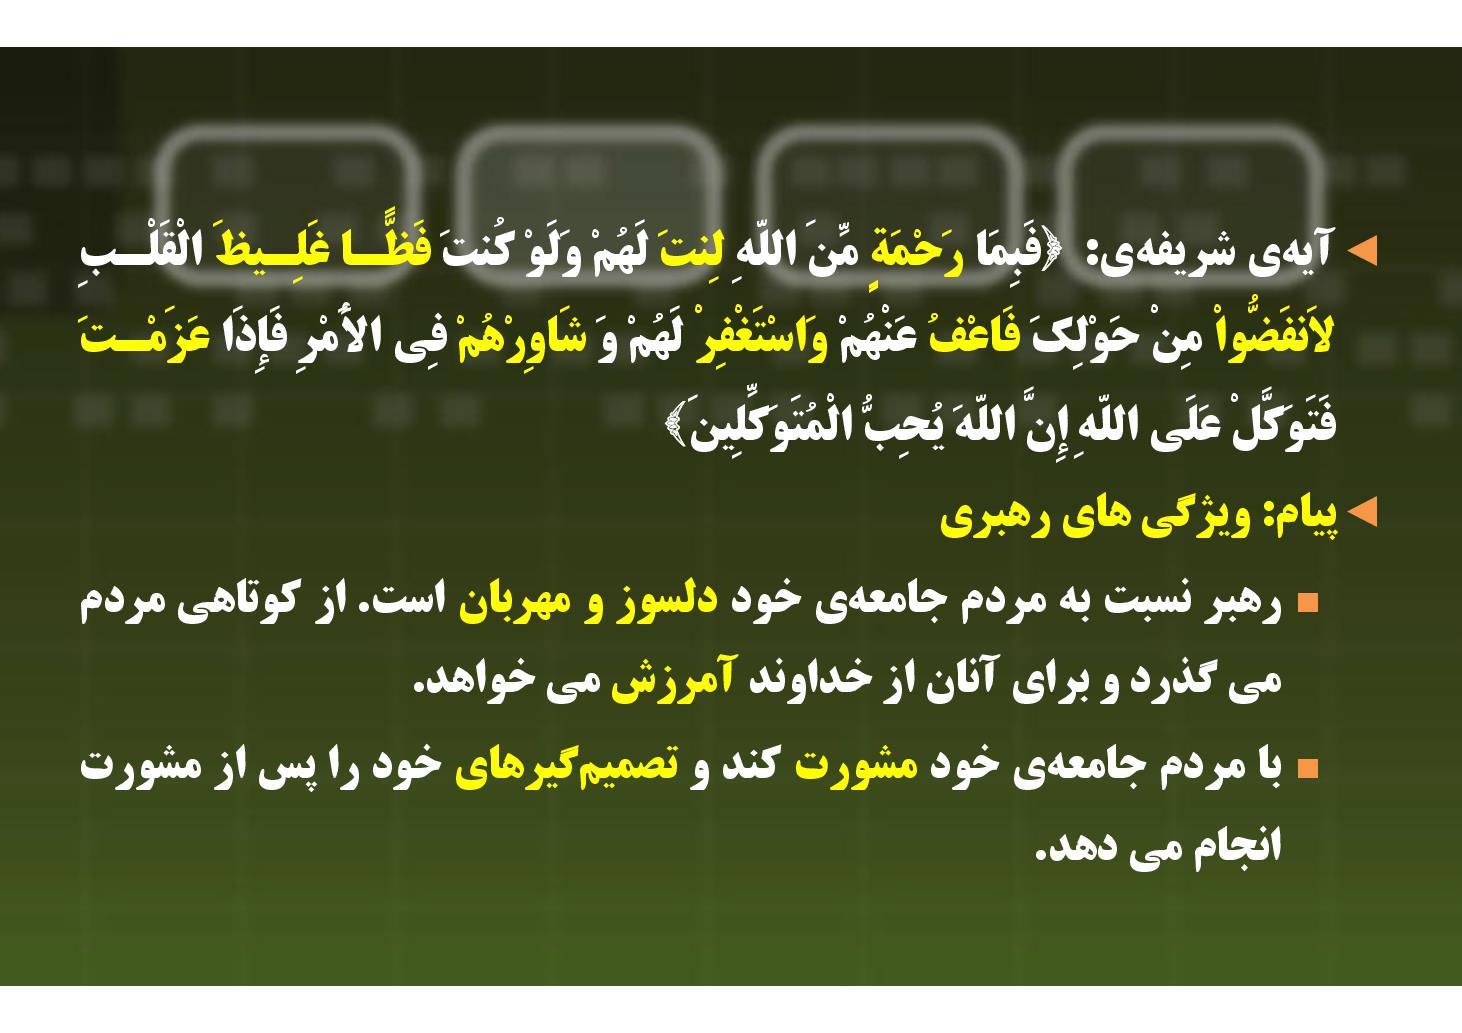 دین و زندگی ٣- درس ١٢- آیات مرتبط با ویژگیهای حکومت اسلامی- بخش ٣ (PDF)